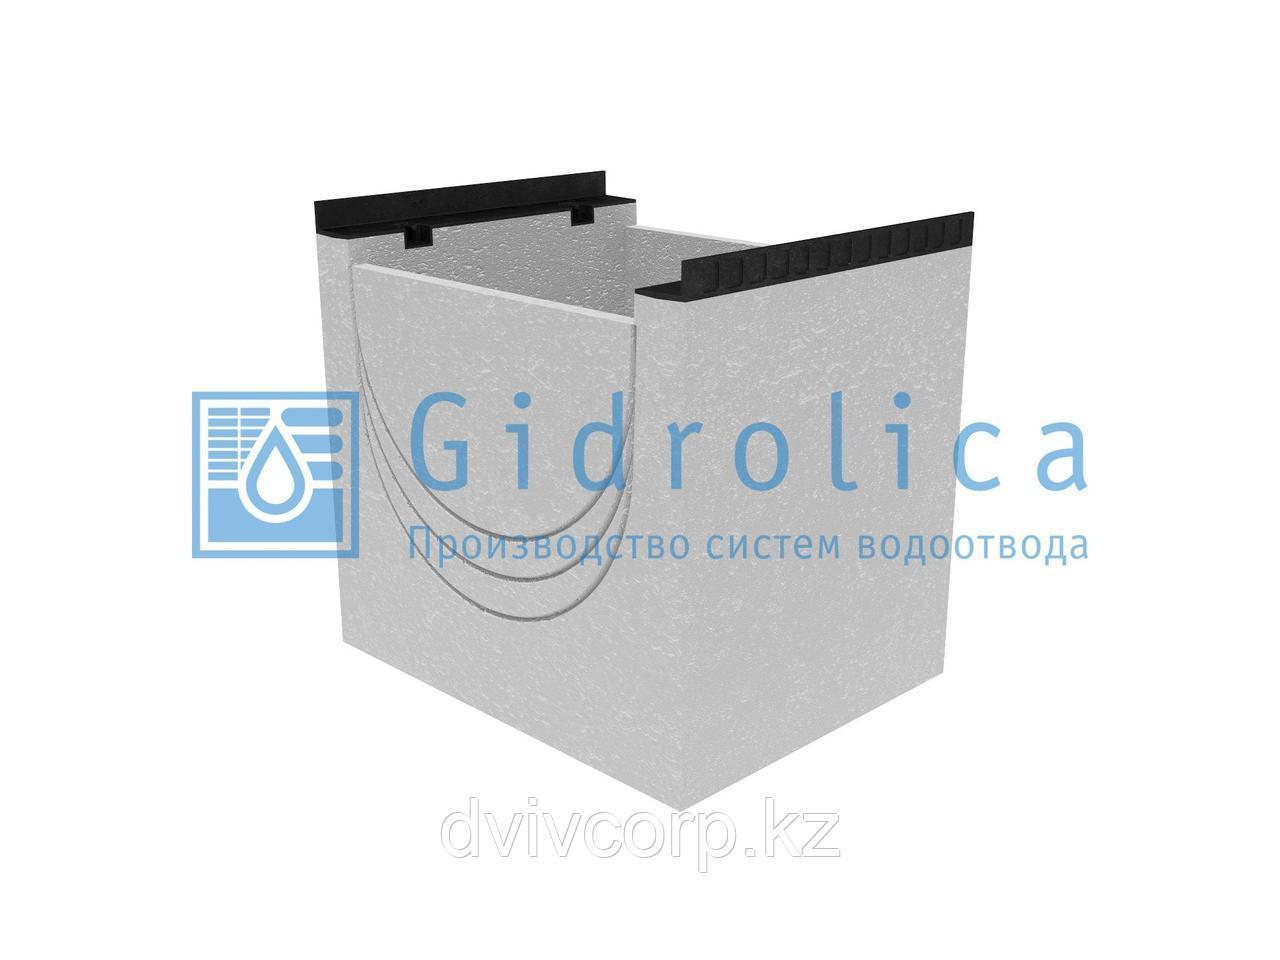 Пескоулавливающий колодец бетонный  (СО-500мм), верхняя часть с чугунной насадкой ПКП 50.64(50).60 - BGМ